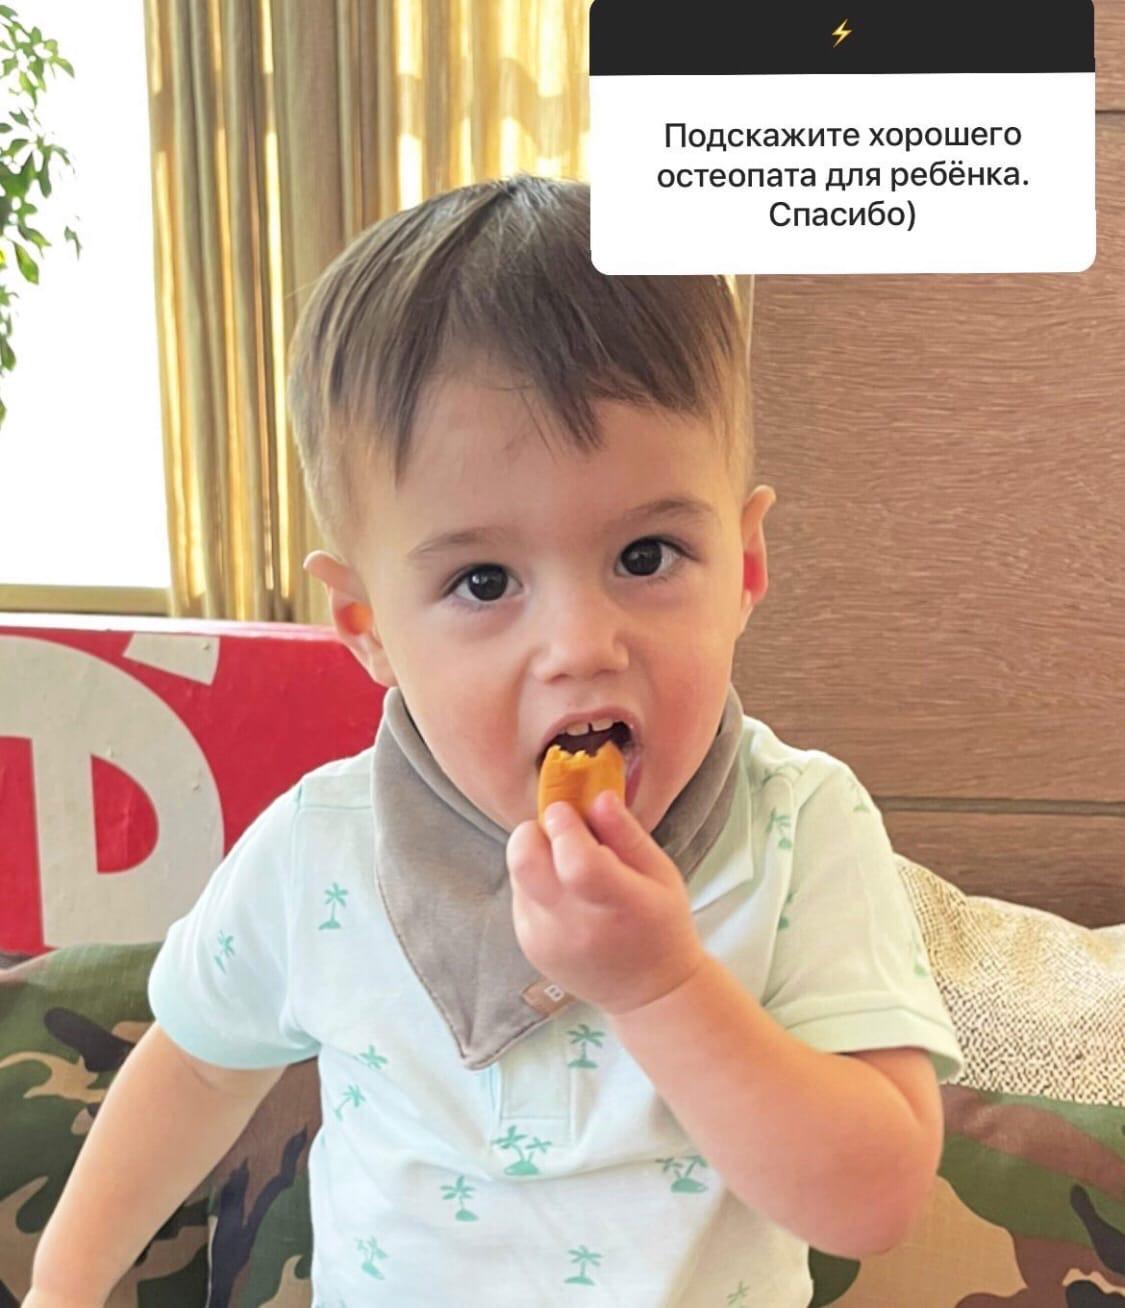 Анастасия Решетова призналась, что хочет второго ребенка